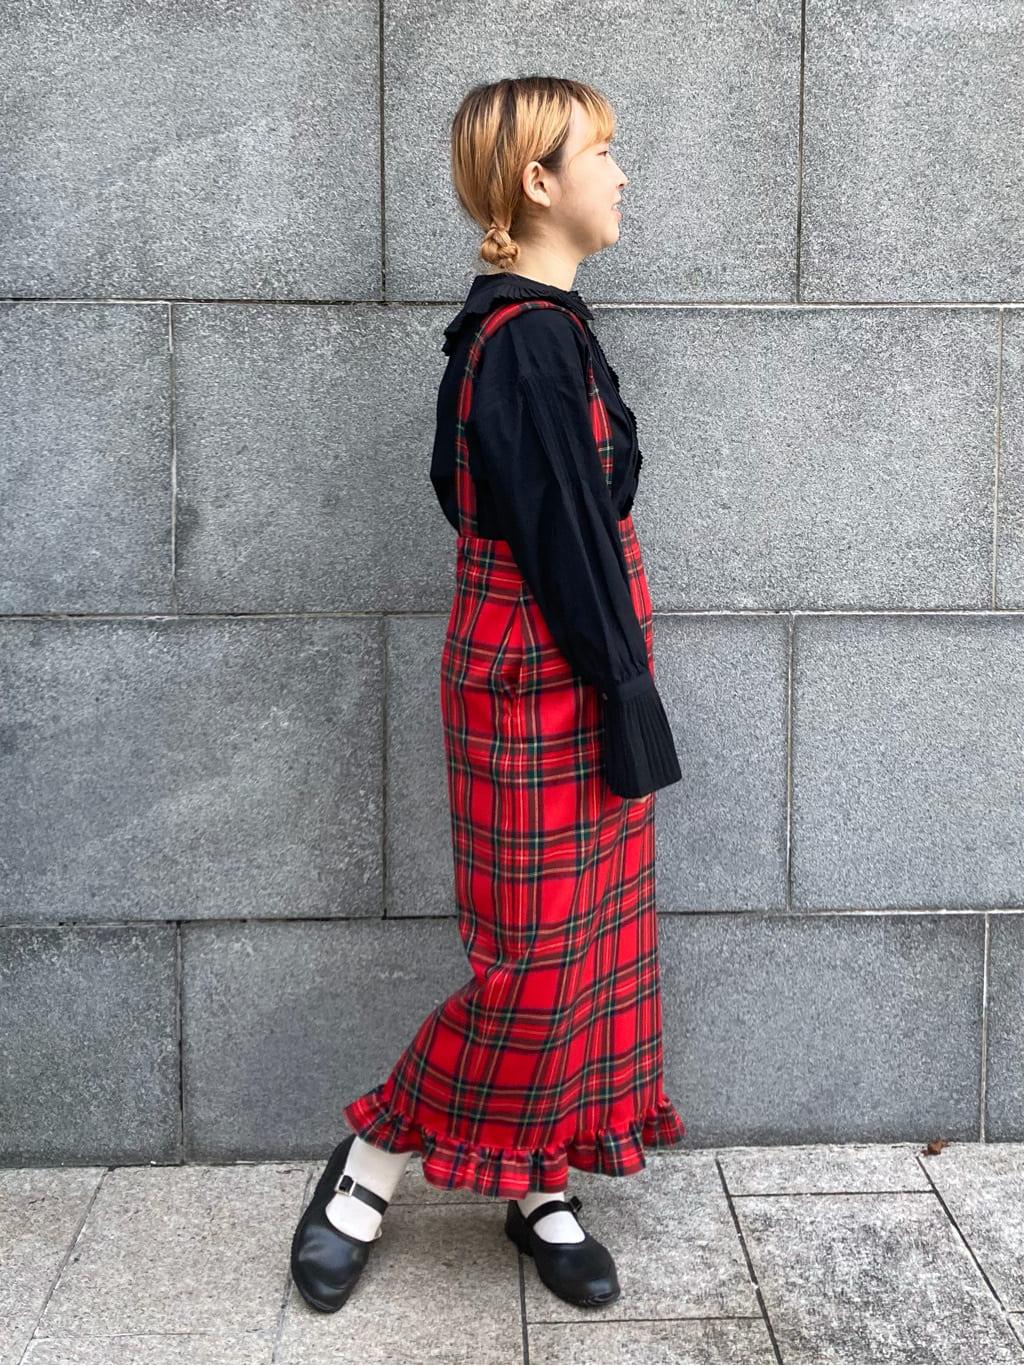 l'atelier du savon 東京スカイツリータウン・ソラマチ 身長:154cm 2021.09.17